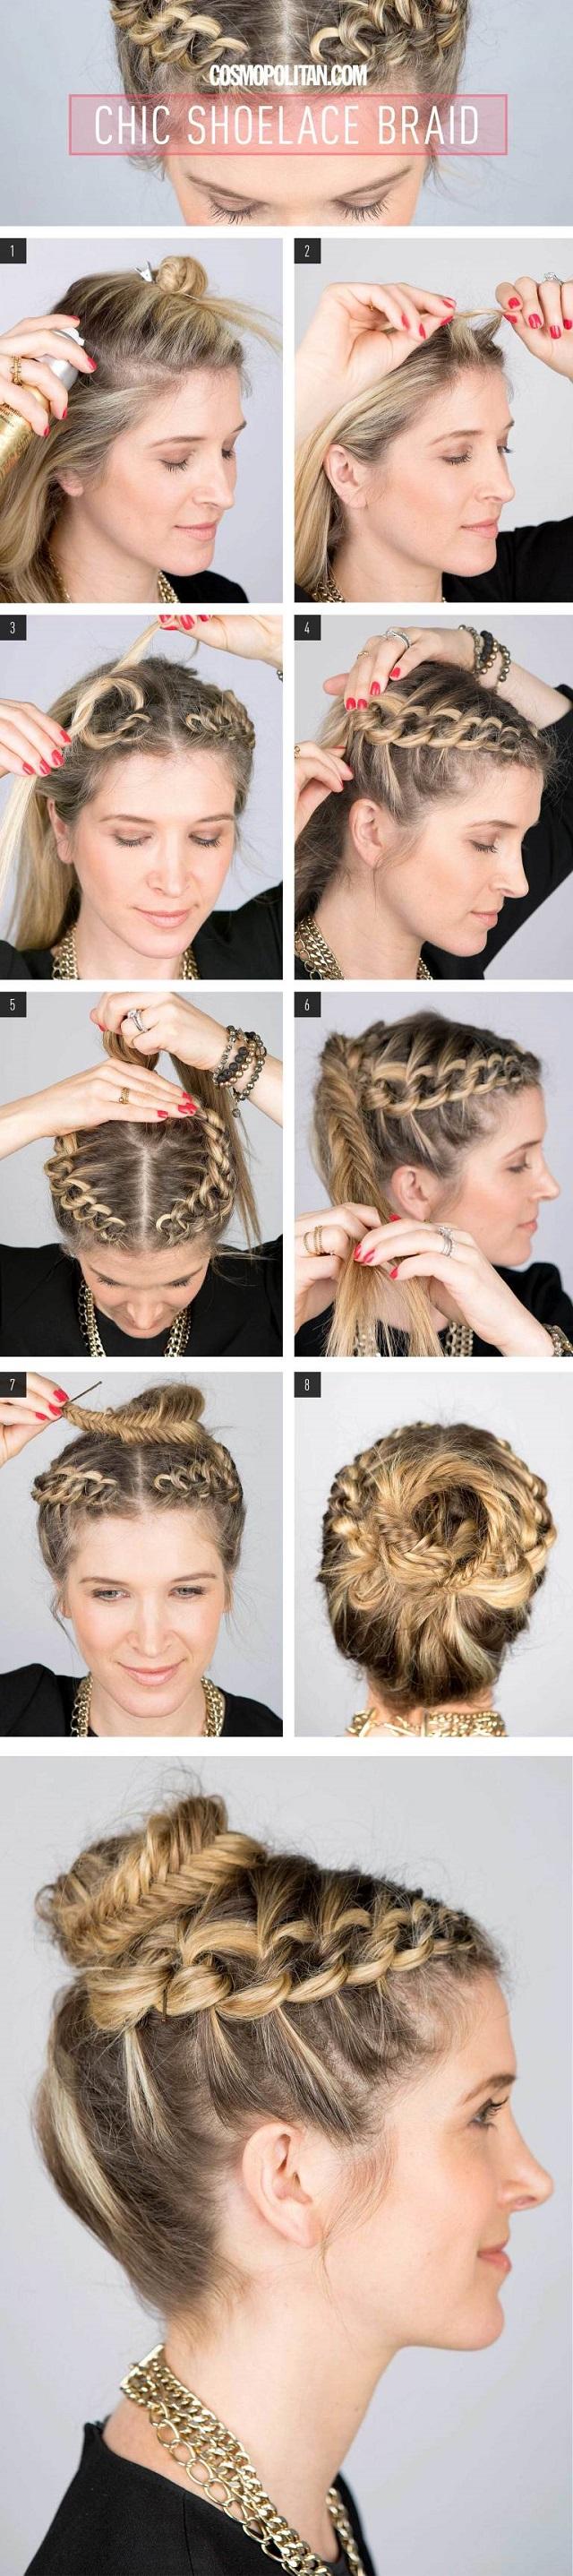 Cute Shoelace Braid - DIY Hairstyle